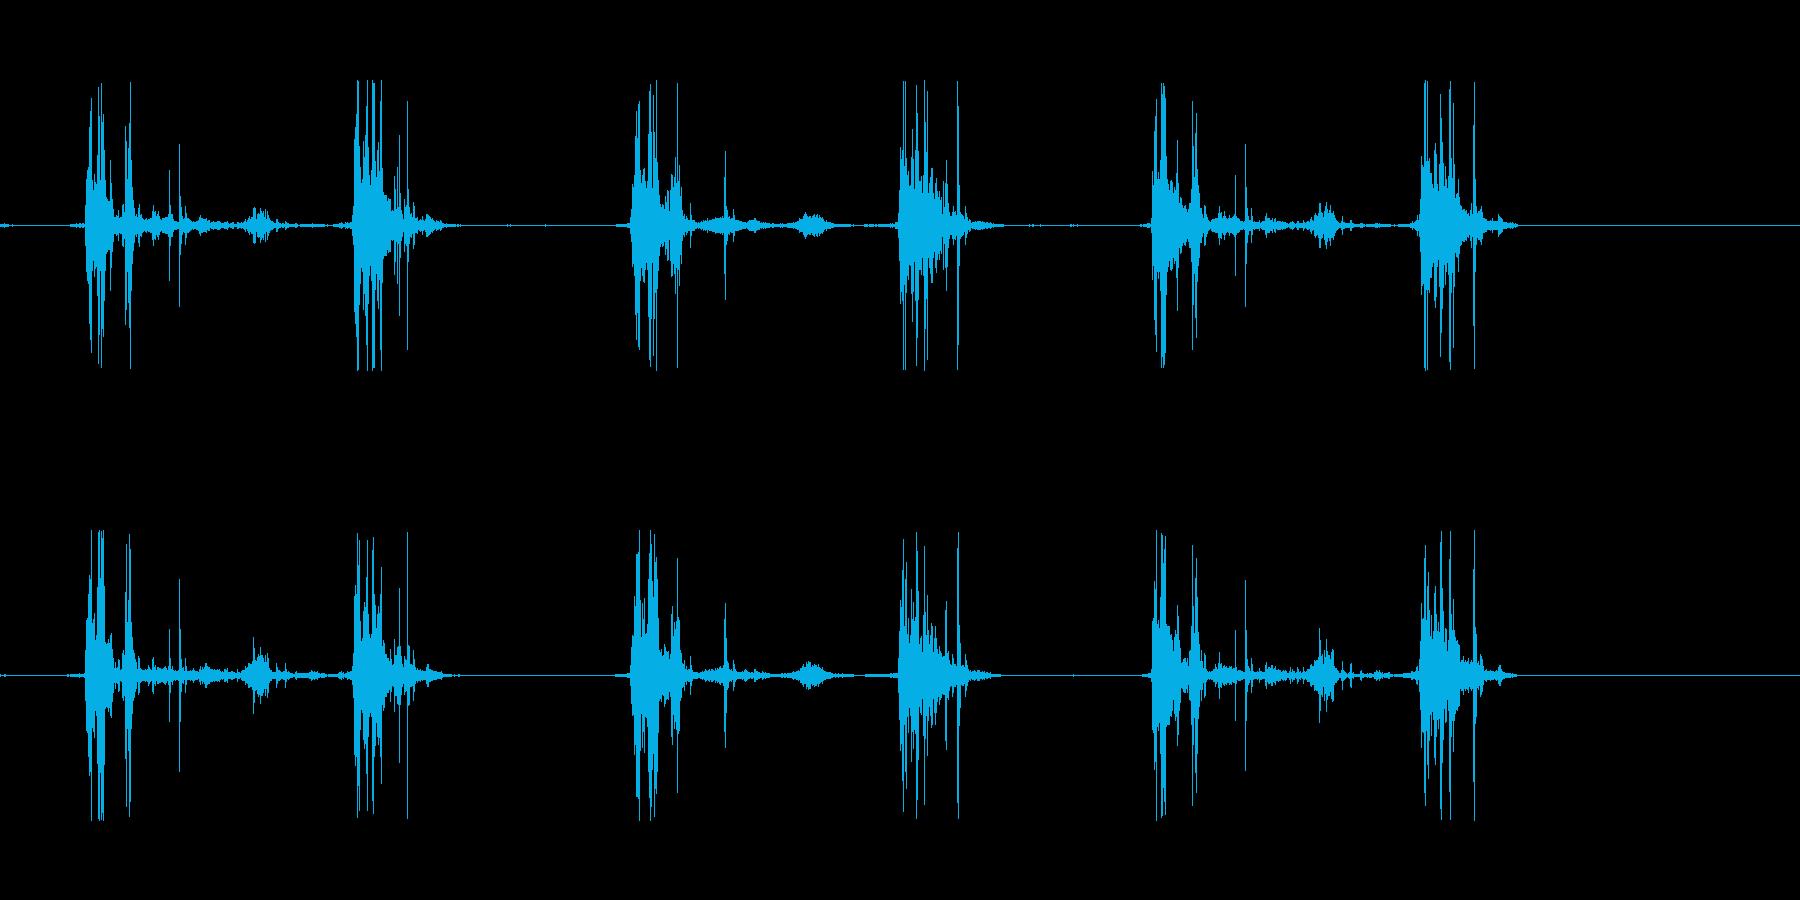 山の足音などにの再生済みの波形